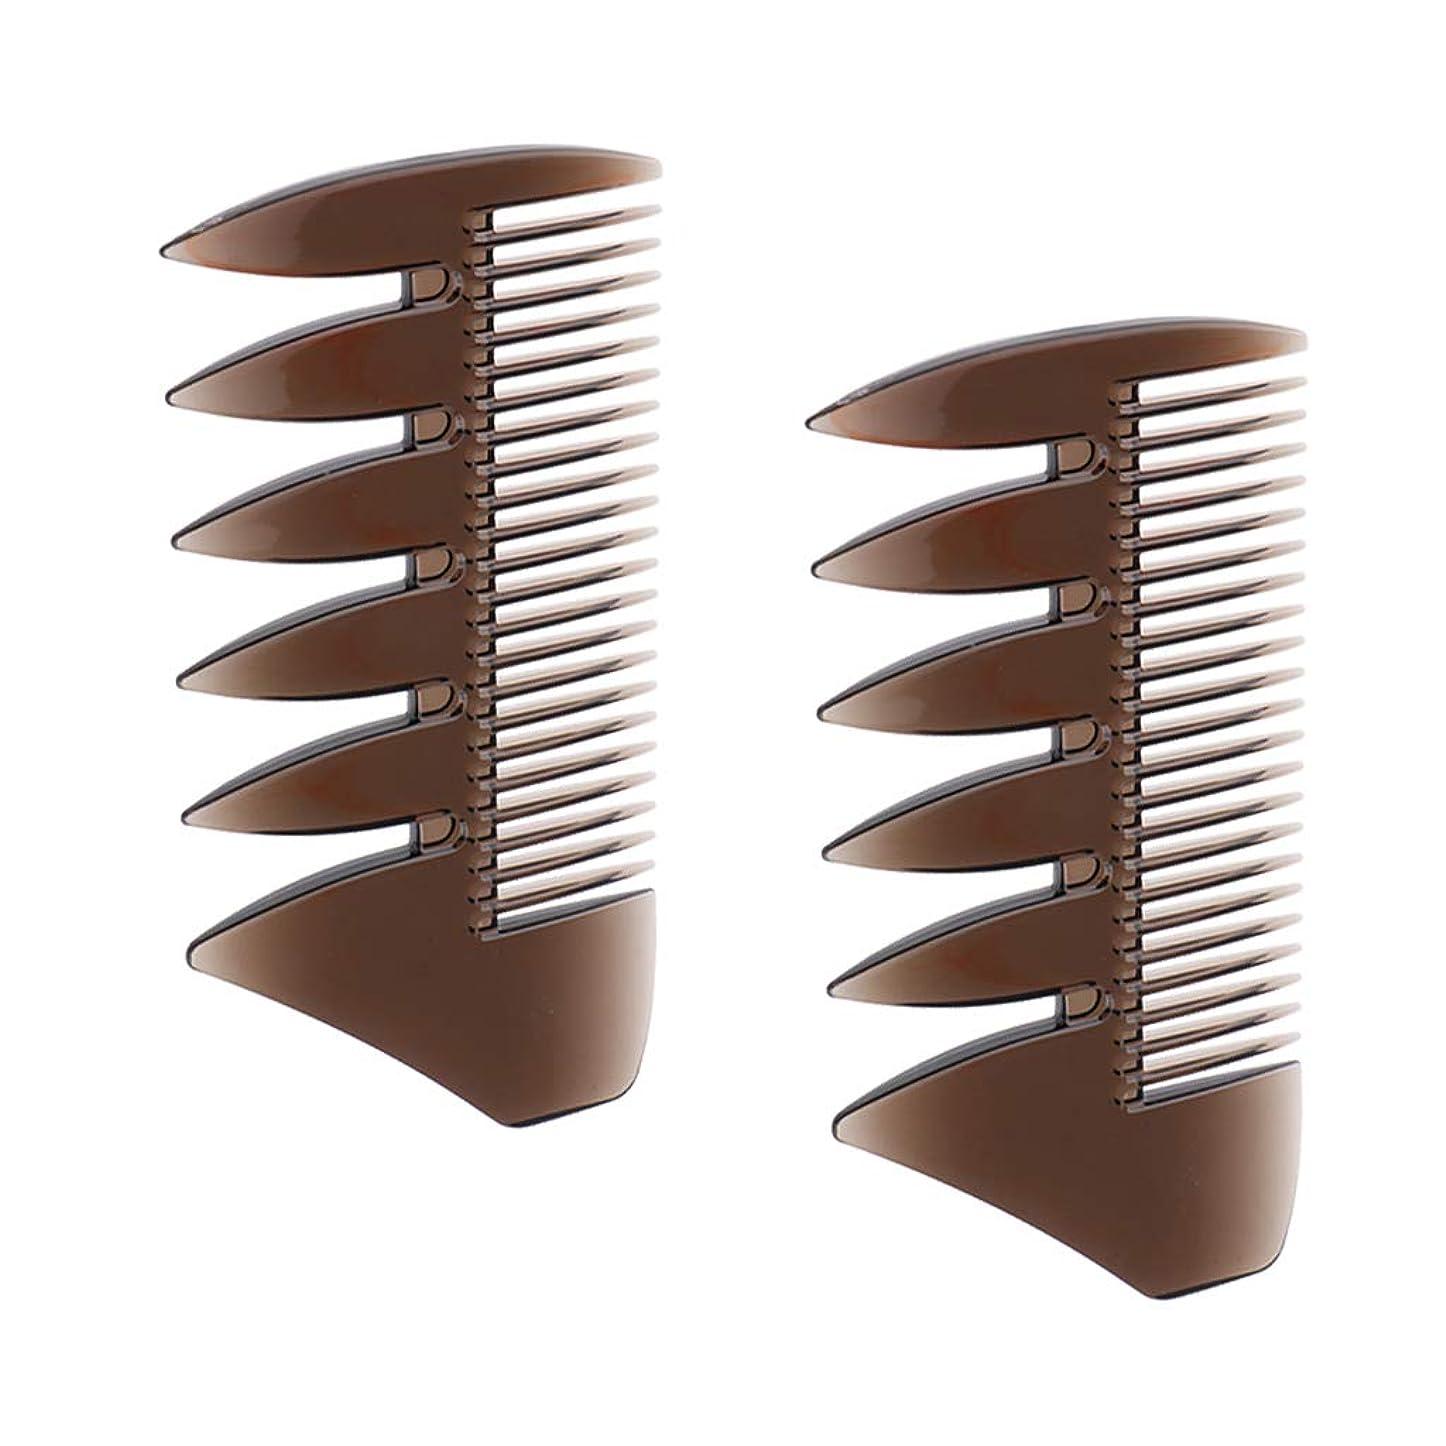 意味通貨群がるF Fityle 2個 ヘアコンビ デュアルサイド メンズ オイルの髪 櫛 ヘアサロン ヘアスタイリング